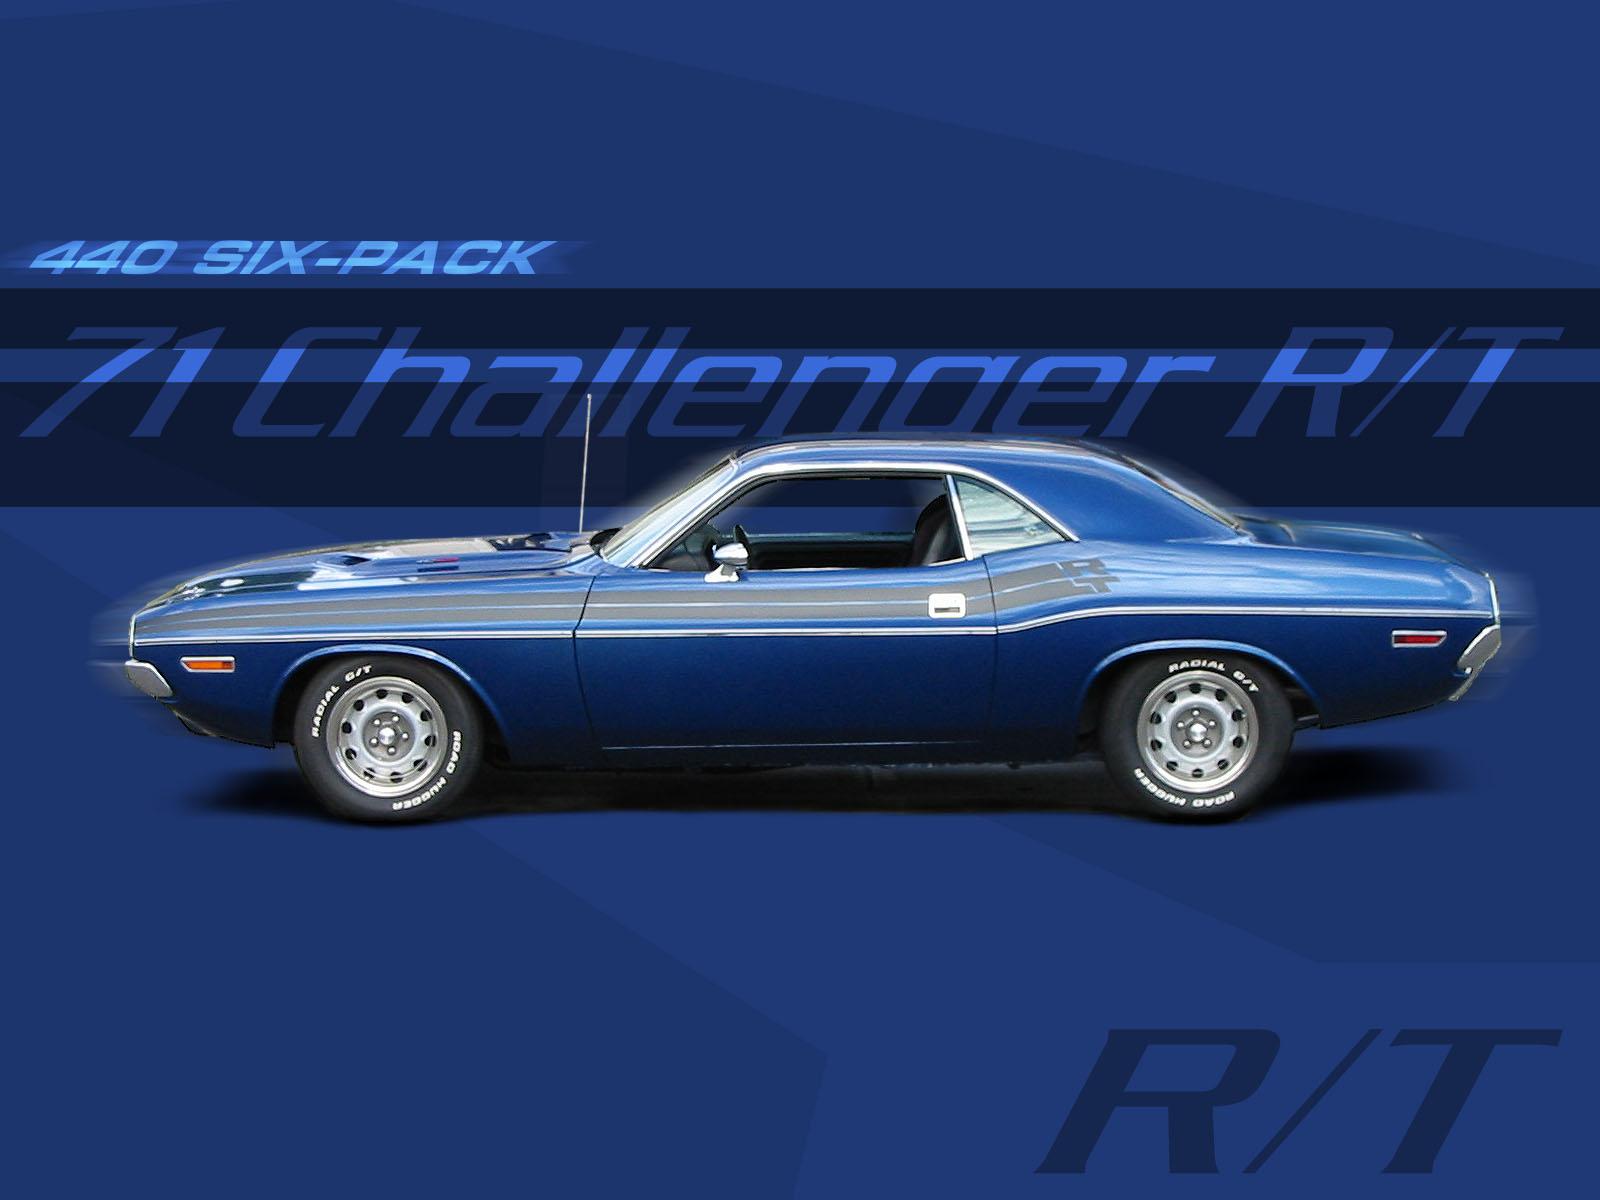 71 Challenger Restoration: Photos of 71 Challenger Resto